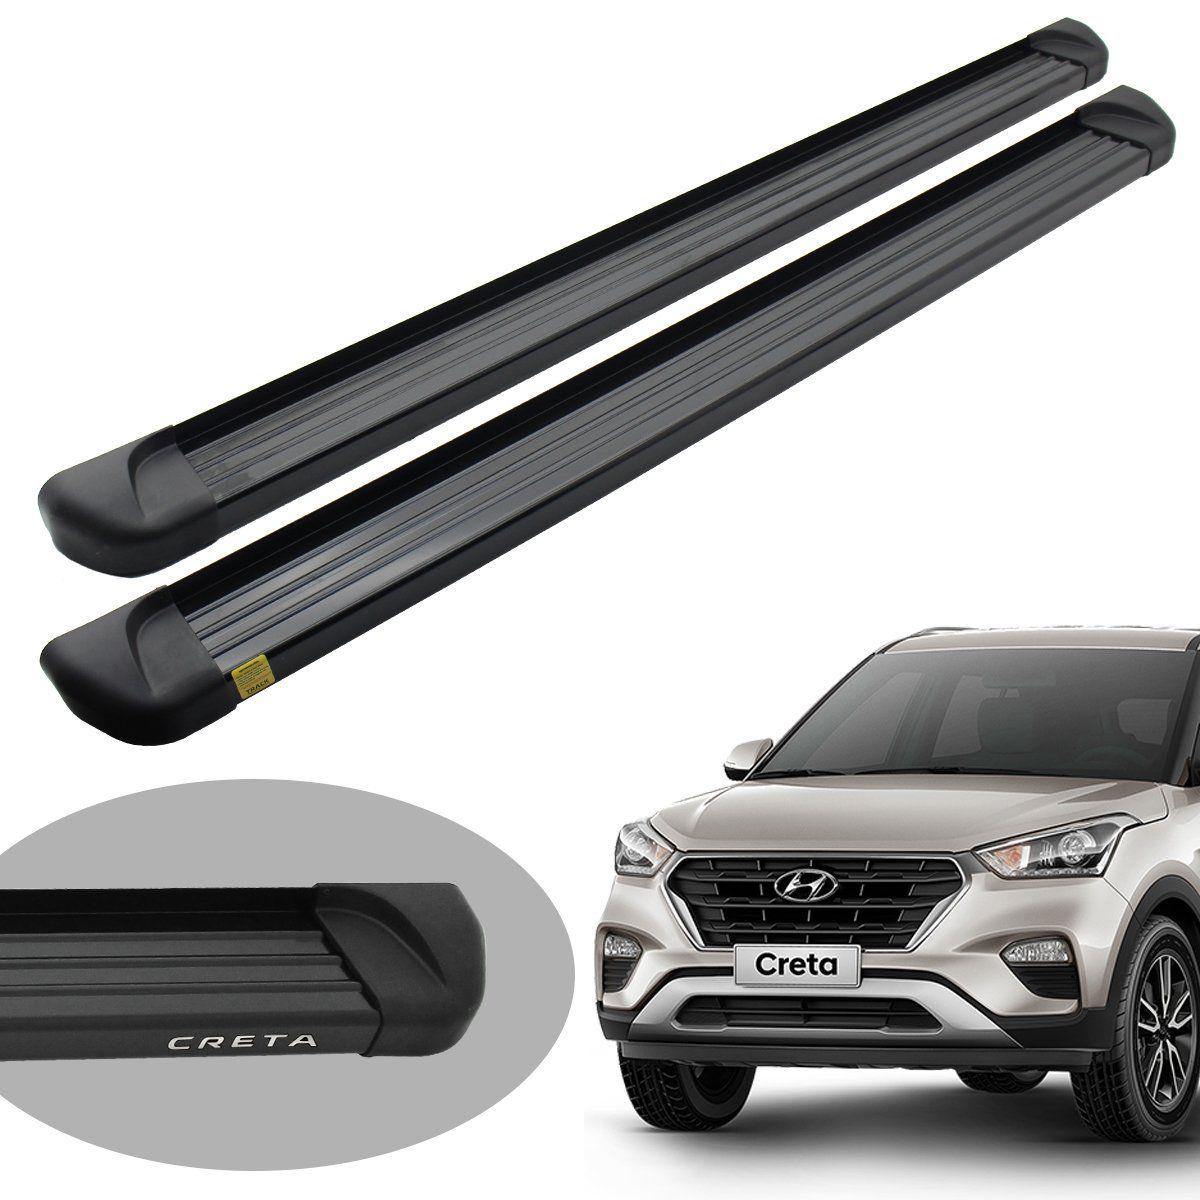 Estribo plataforma alumínio preto Hyundai Creta 2017 a 2021